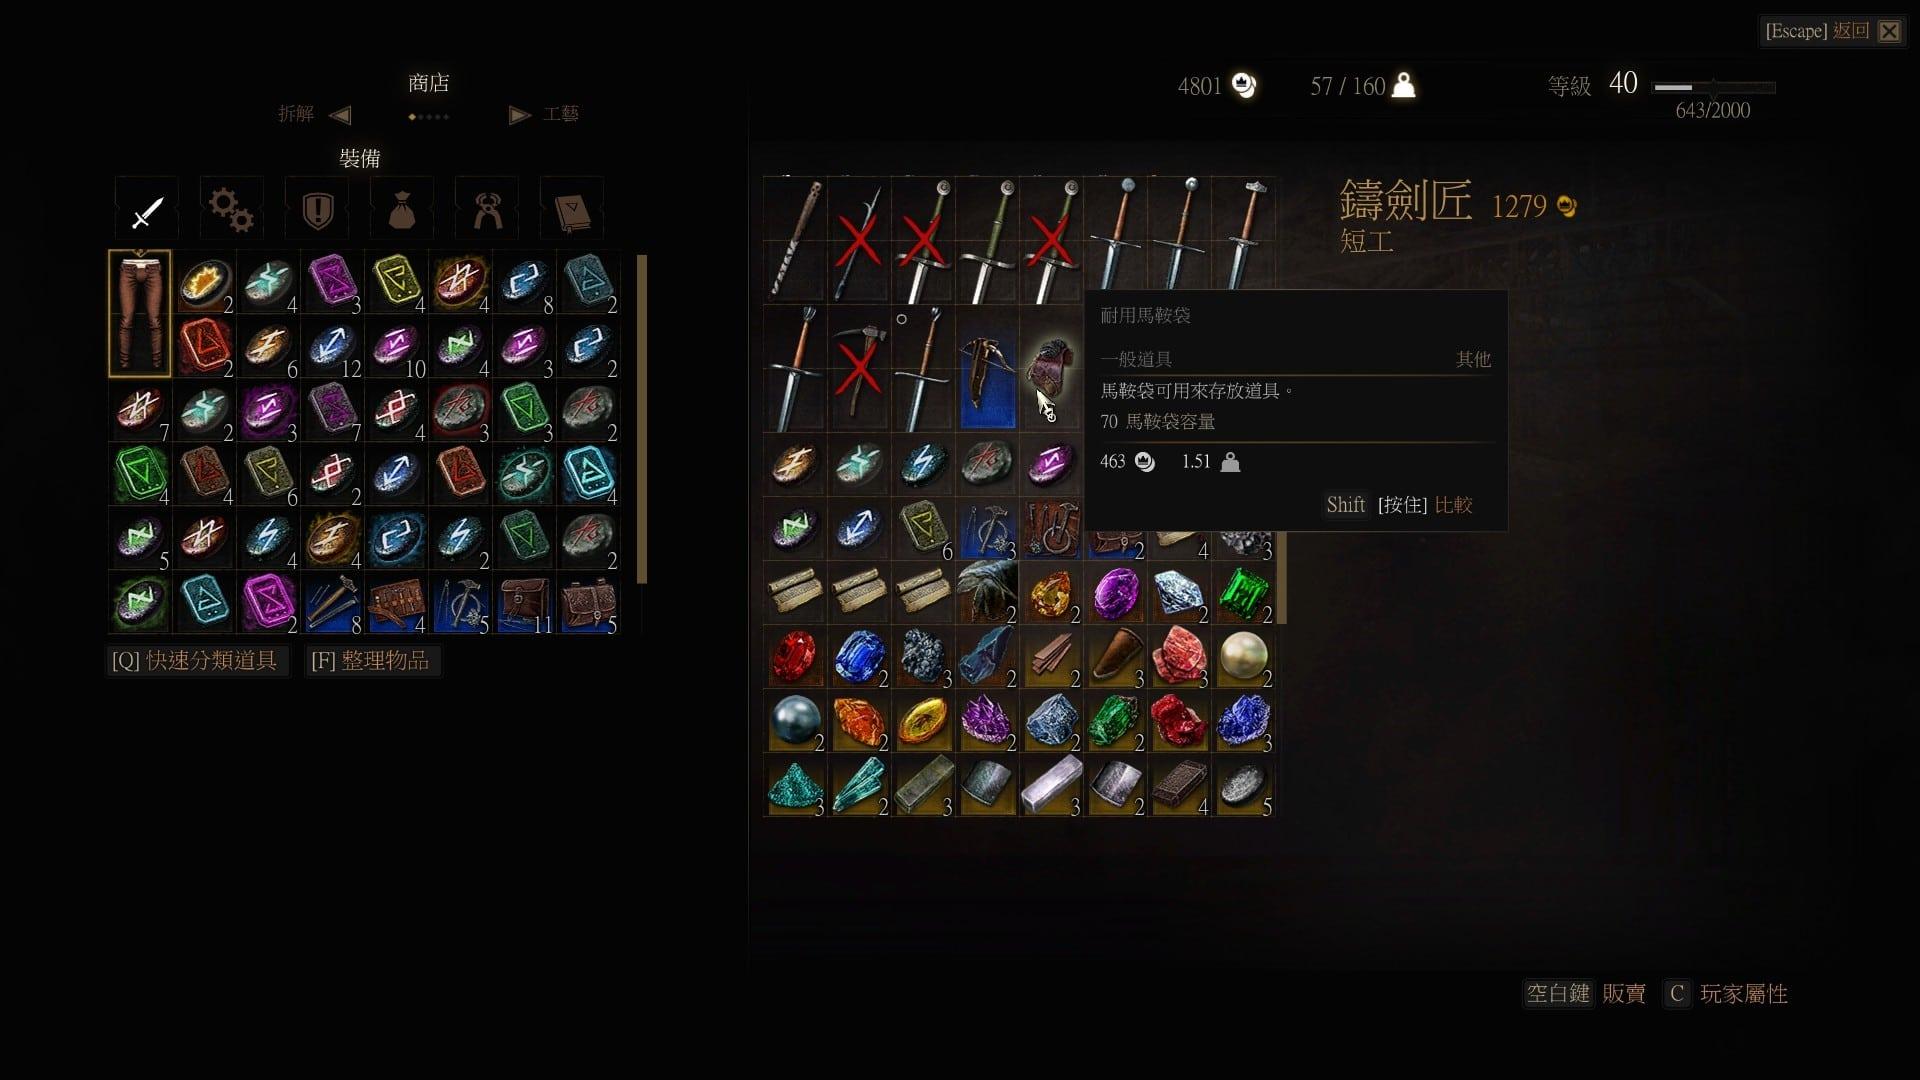 巫師3 新手攻略 新手任務及賺錢圖文指引